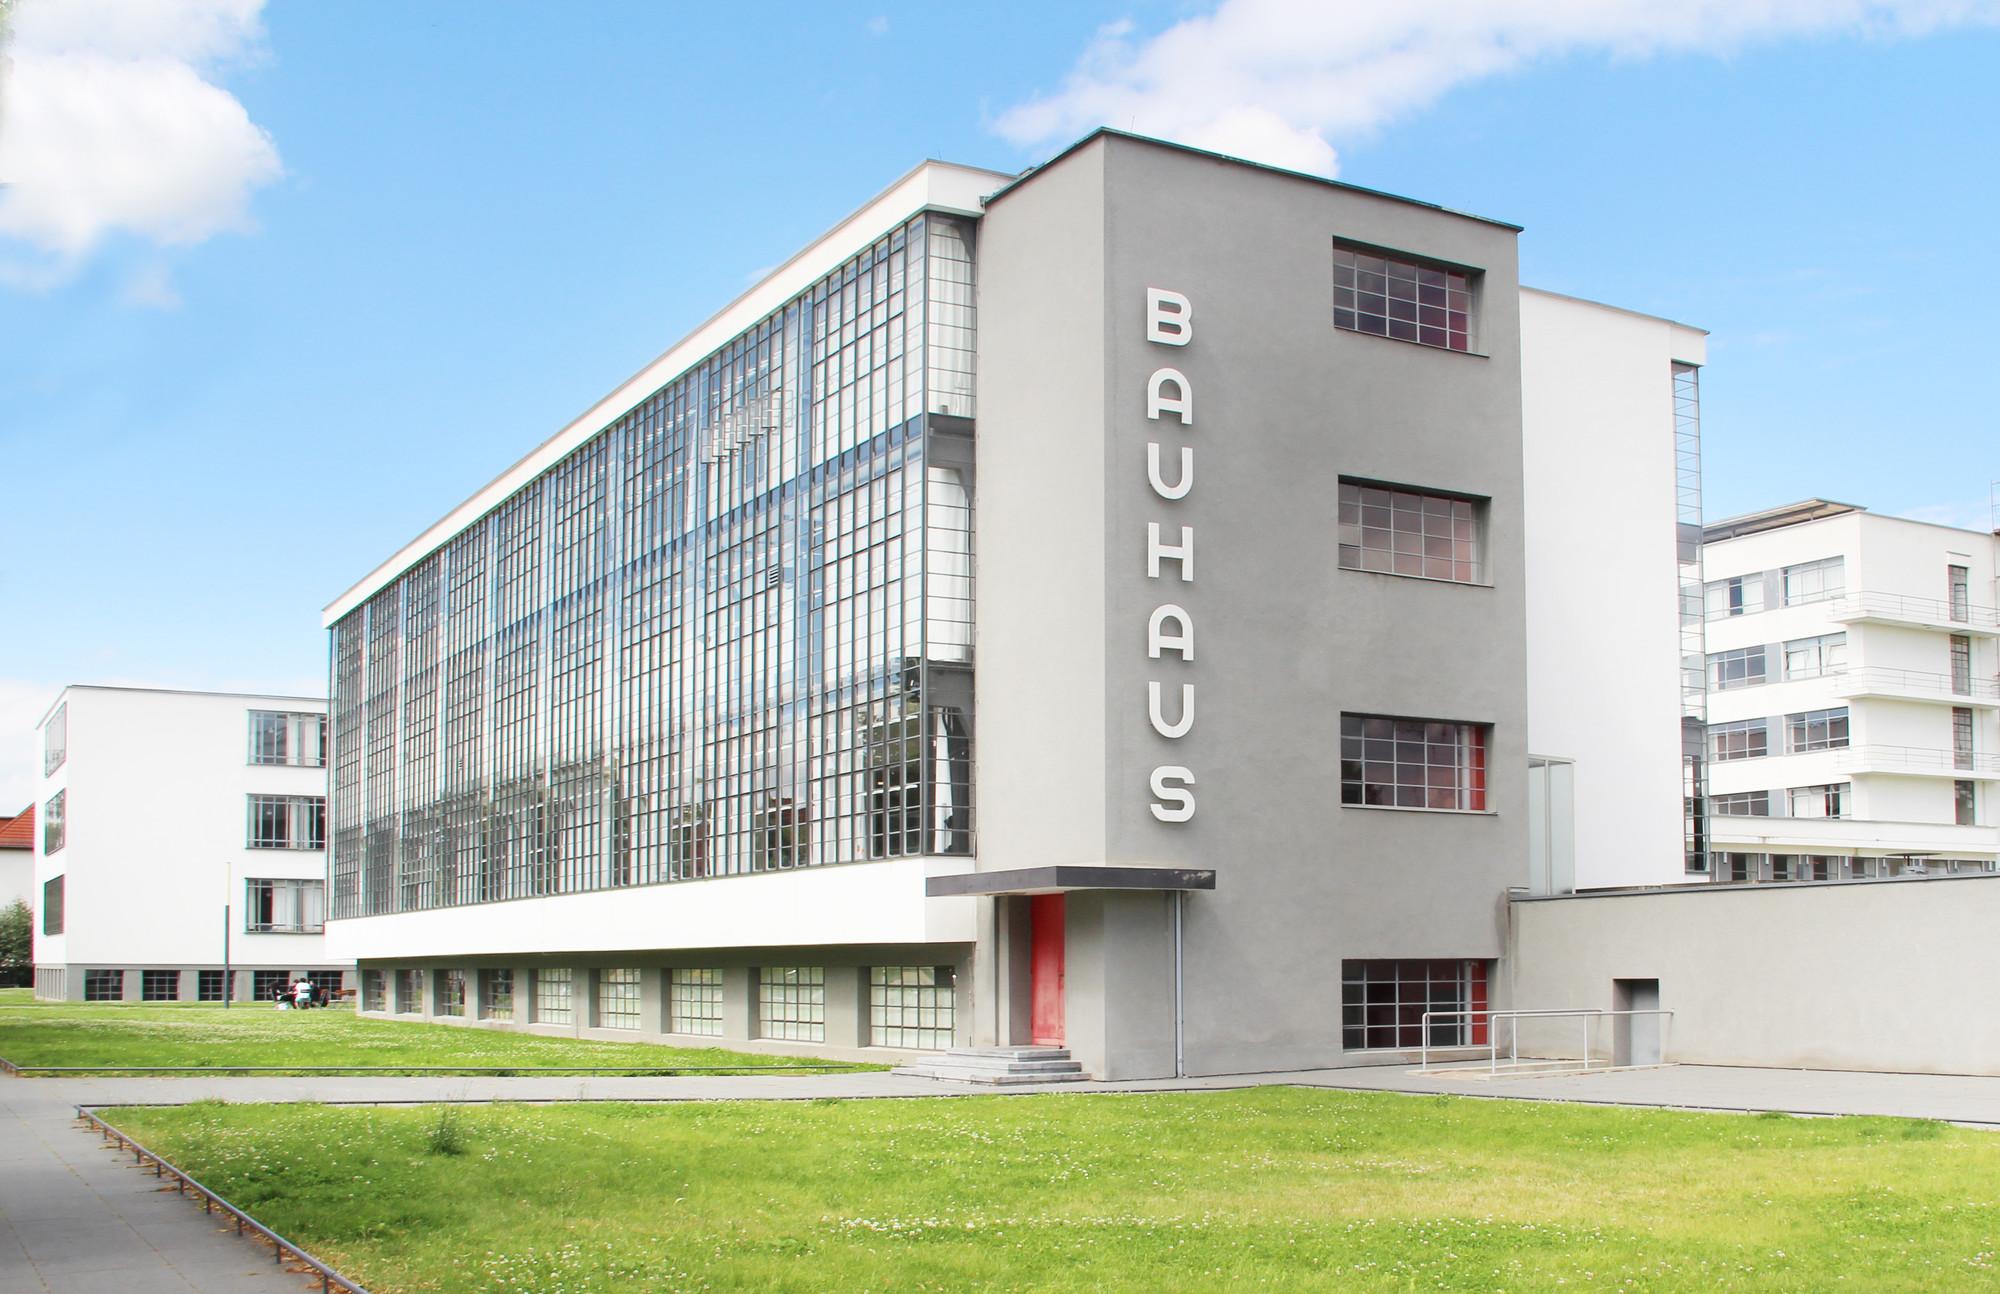 Architecture Bauhaus Of Gallery Of Ad Classics Dessau Bauhaus Walter Gropius 22